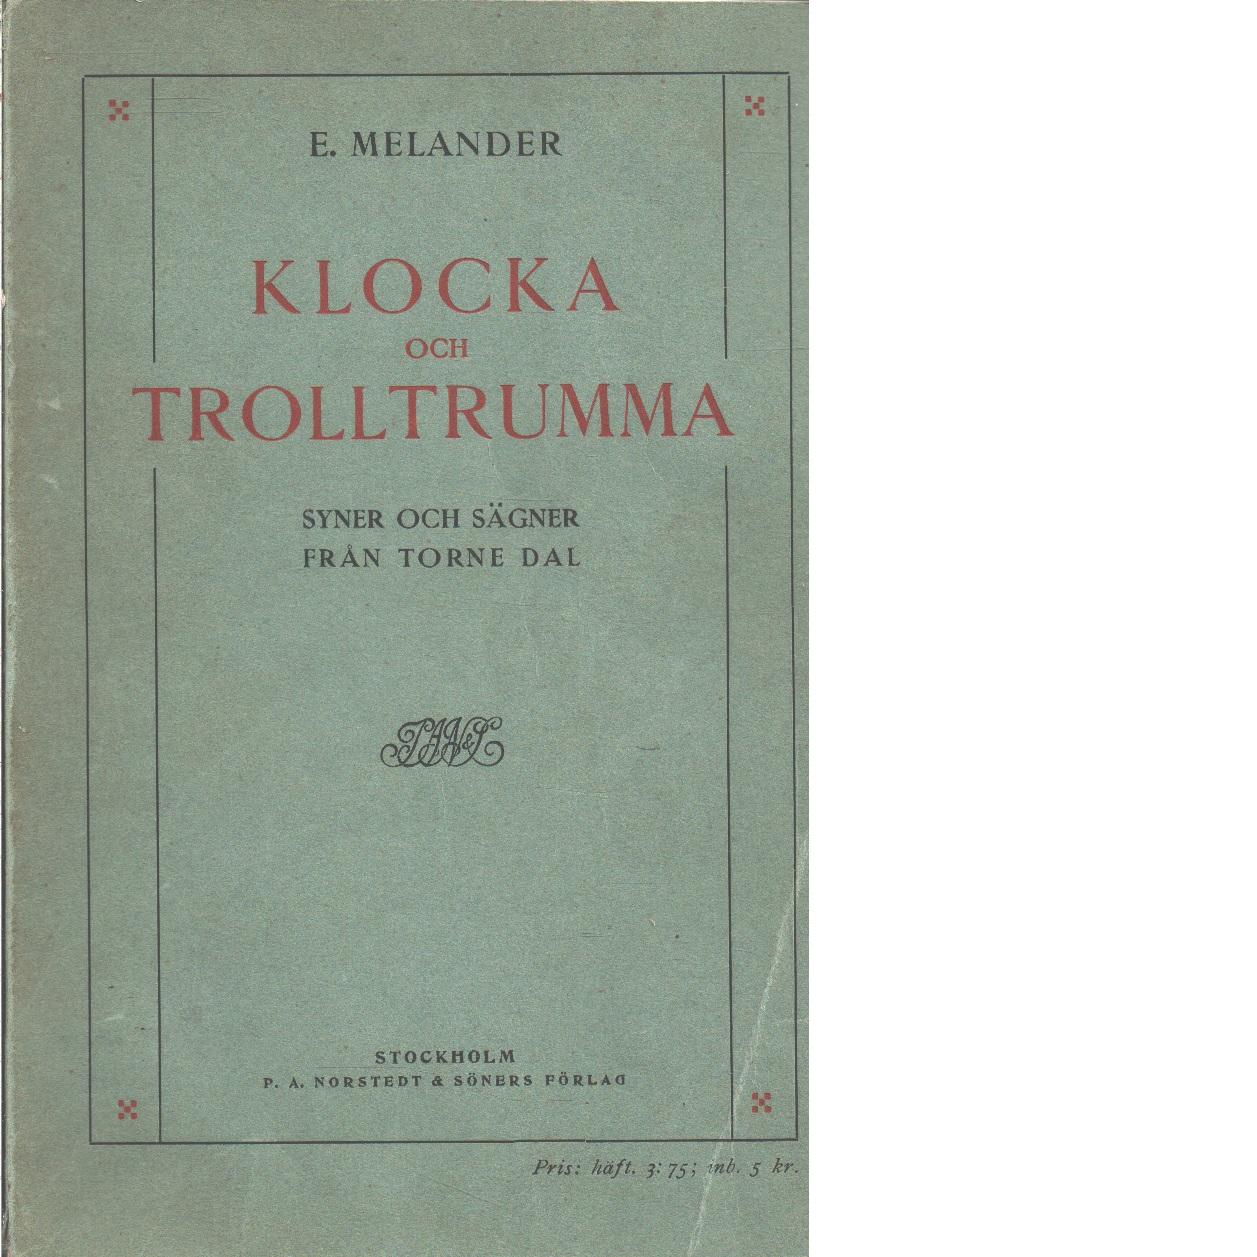 Klocka och trolltrumma : syner och sägner från Torne dal - Melander, Emil